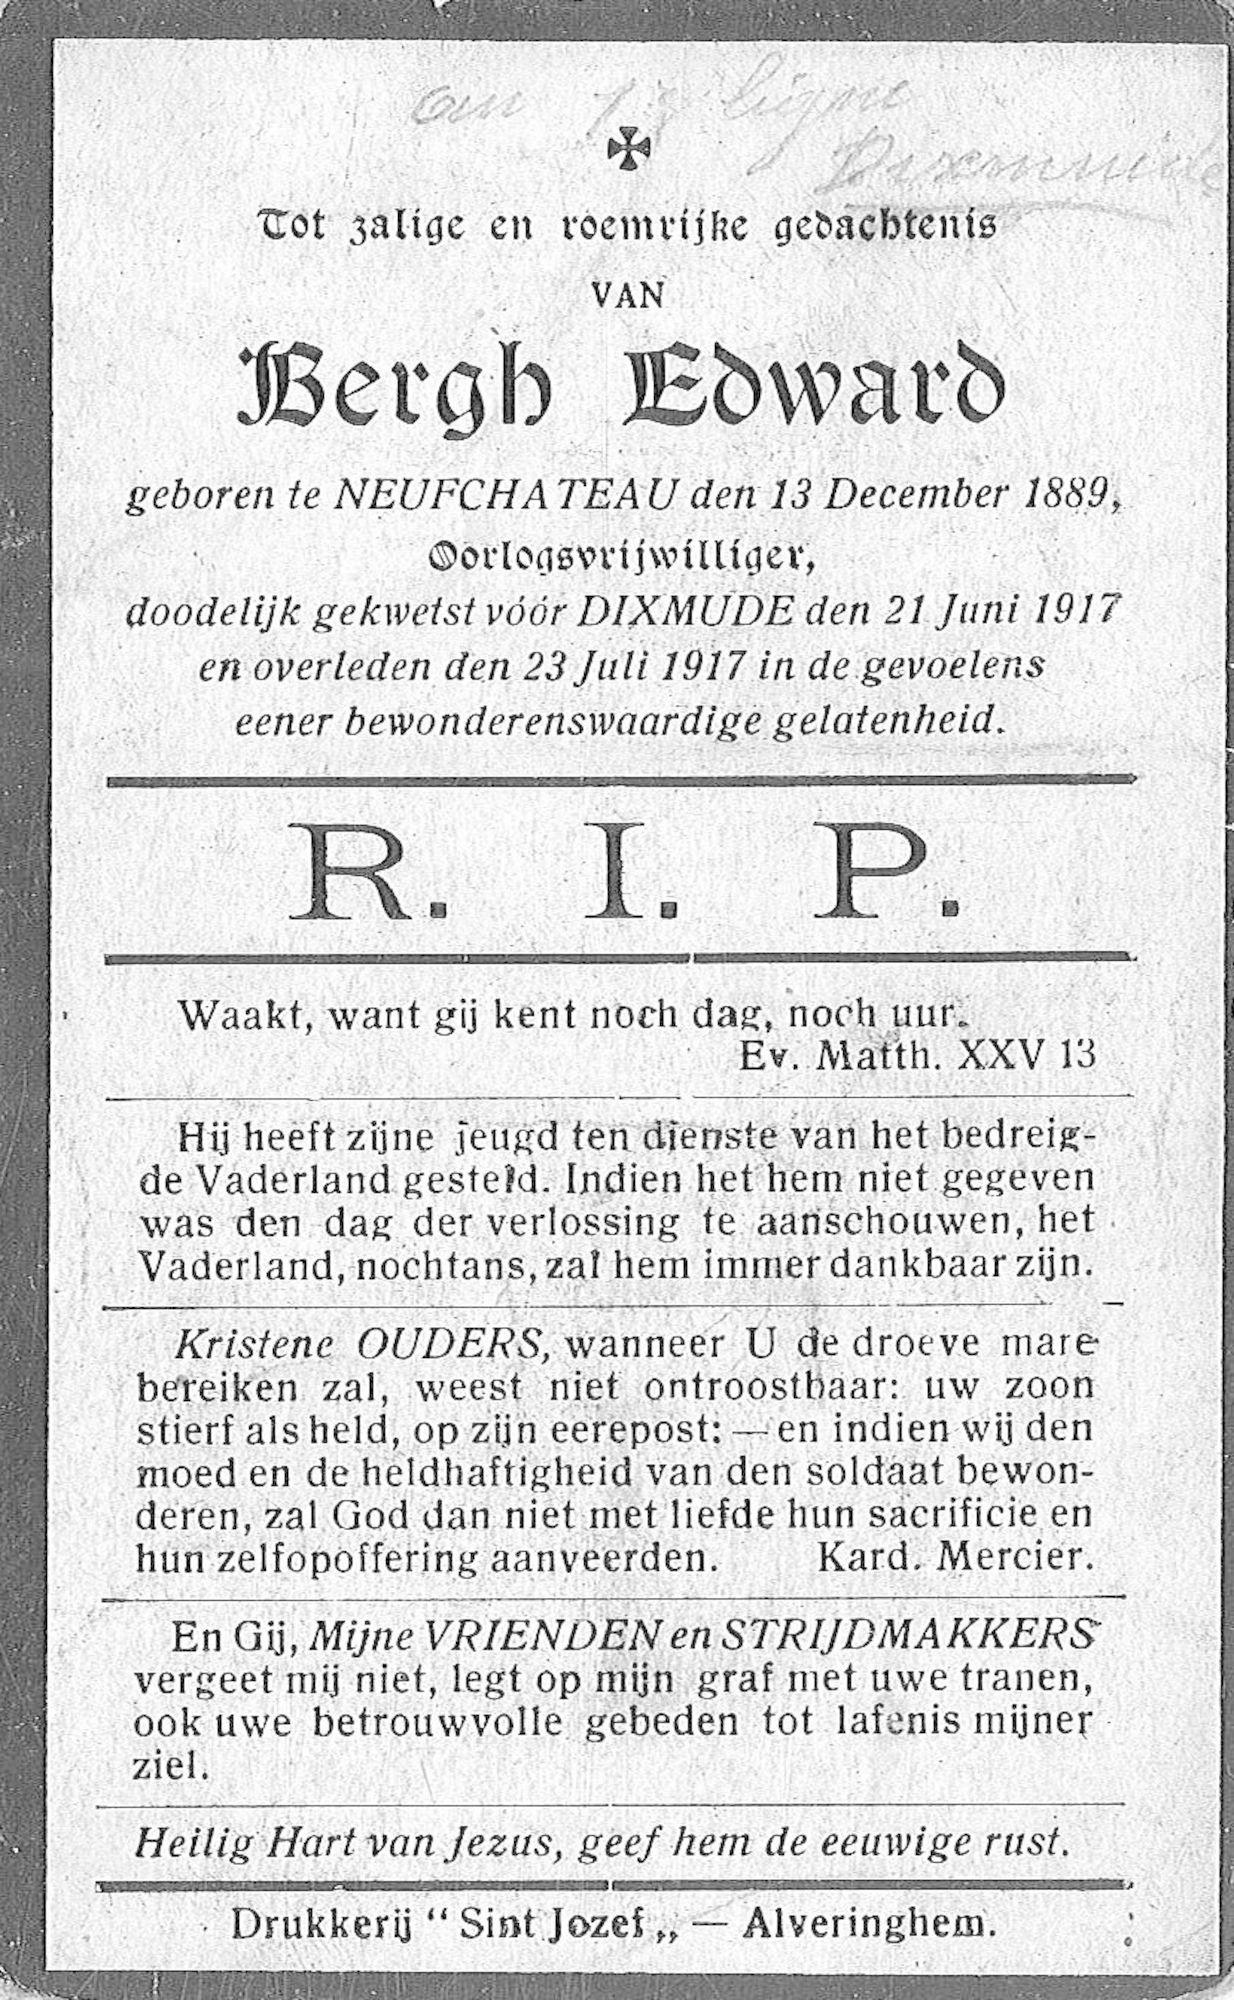 Edward Bergh